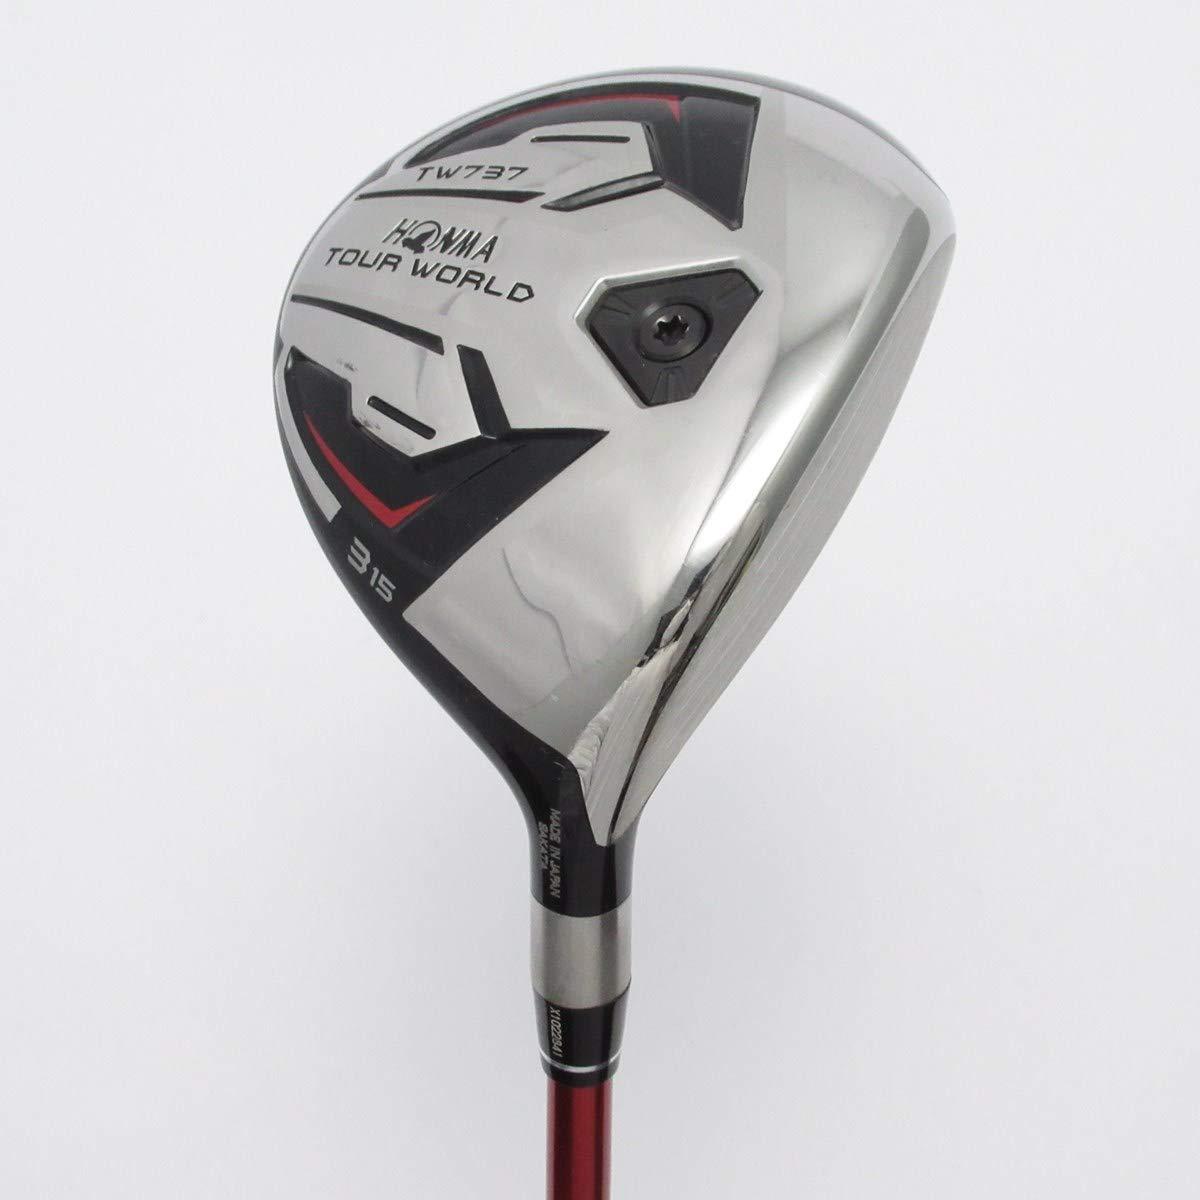 絶妙なデザイン 【中古 VIZARD S】本間ゴルフ TOUR WORLD B07R1SRRR5 ツアーワールド TW737 フェアウェイウッド VIZARD EX-C65【3W】 S B07R1SRRR5, VALUE BOOKS:0f31d5fd --- 4x4.lt